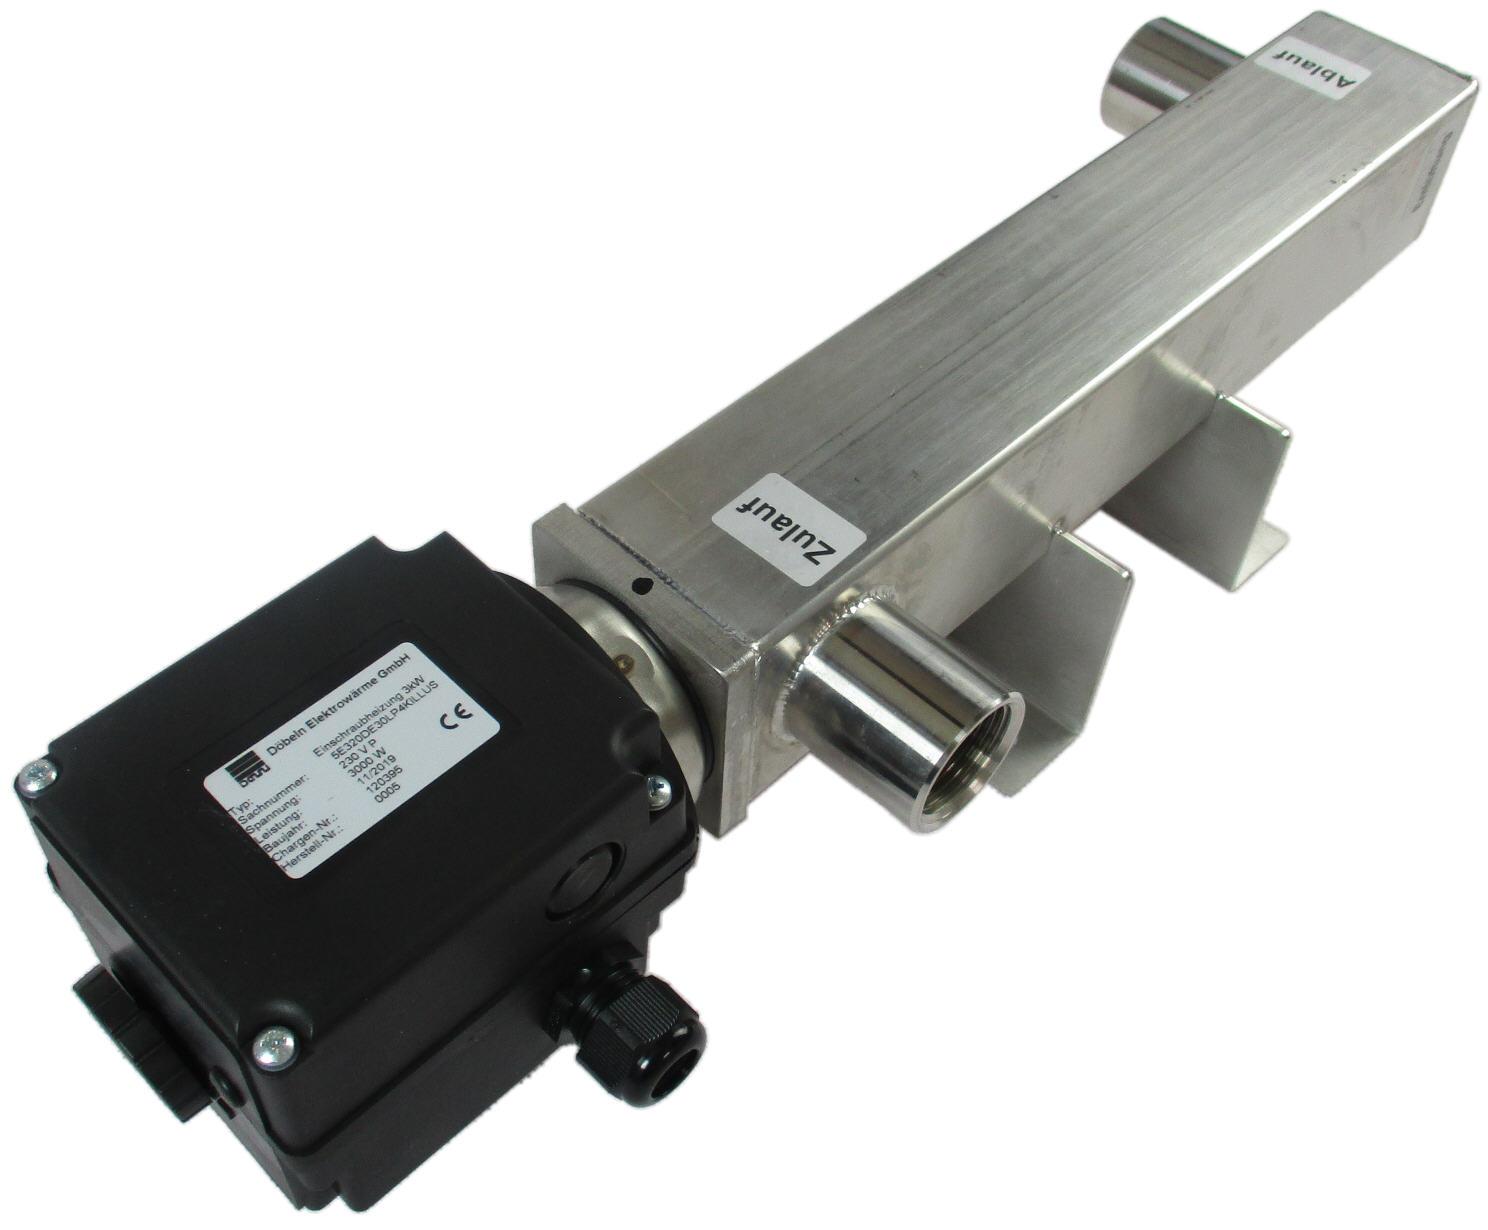 DEW Durchlauferhitzer 3 kW Edelstahl für Photovoltaik und Heizungen Killus-Technik.de